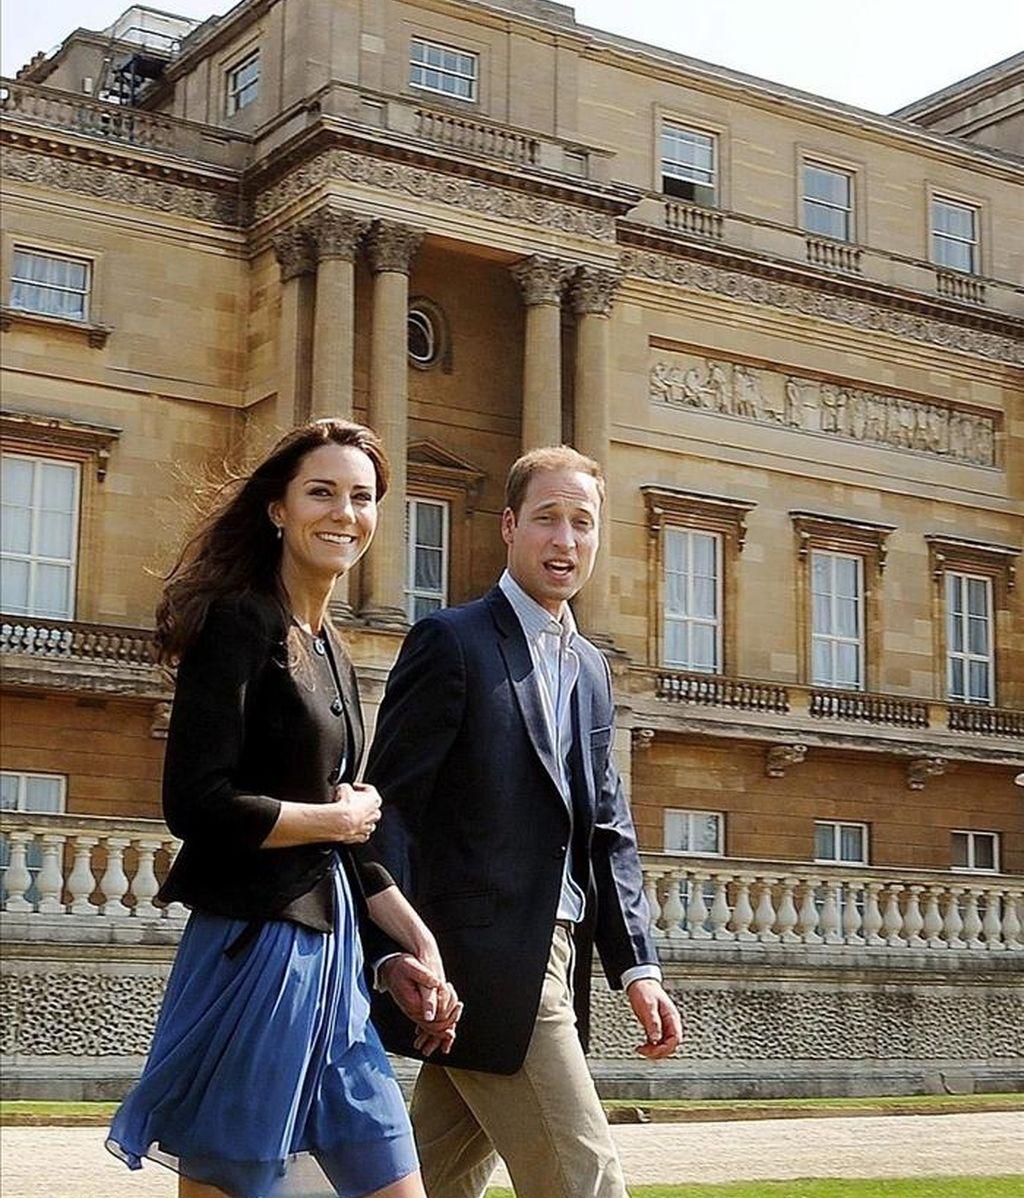 El príncipe Guillermo y Catalina, los nuevos duques de Cambridge, caminan agarrados de la mano el recinto del palacio de Buckingham, en Londres. EFE/Archivo